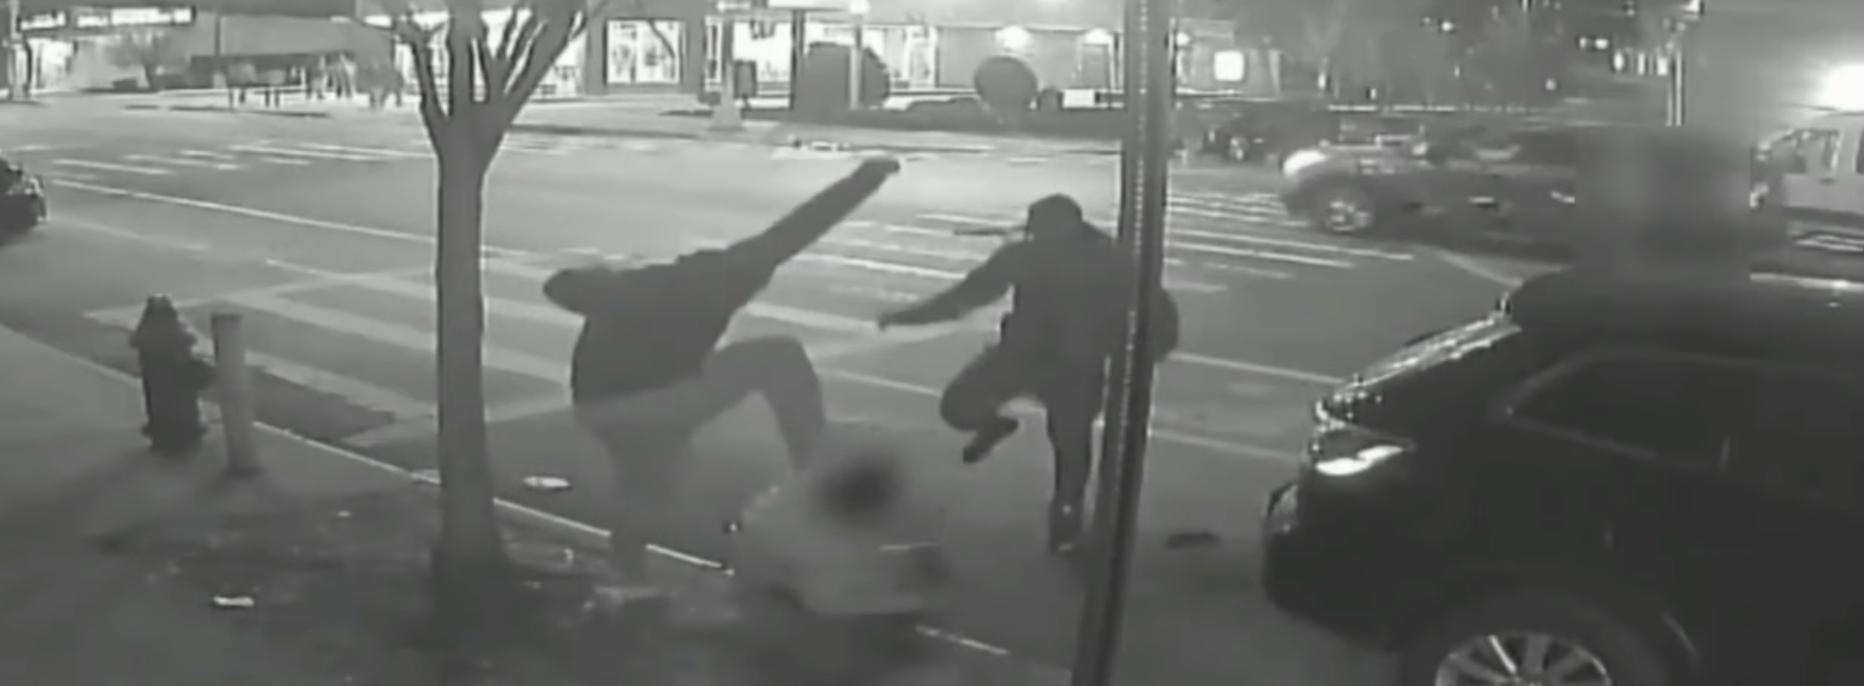 بالفيديو/ بسبب دولار واحد...رجل ضُرب حتى الموت وسط الشارع في نيويورك ليلة عيد الميلاد